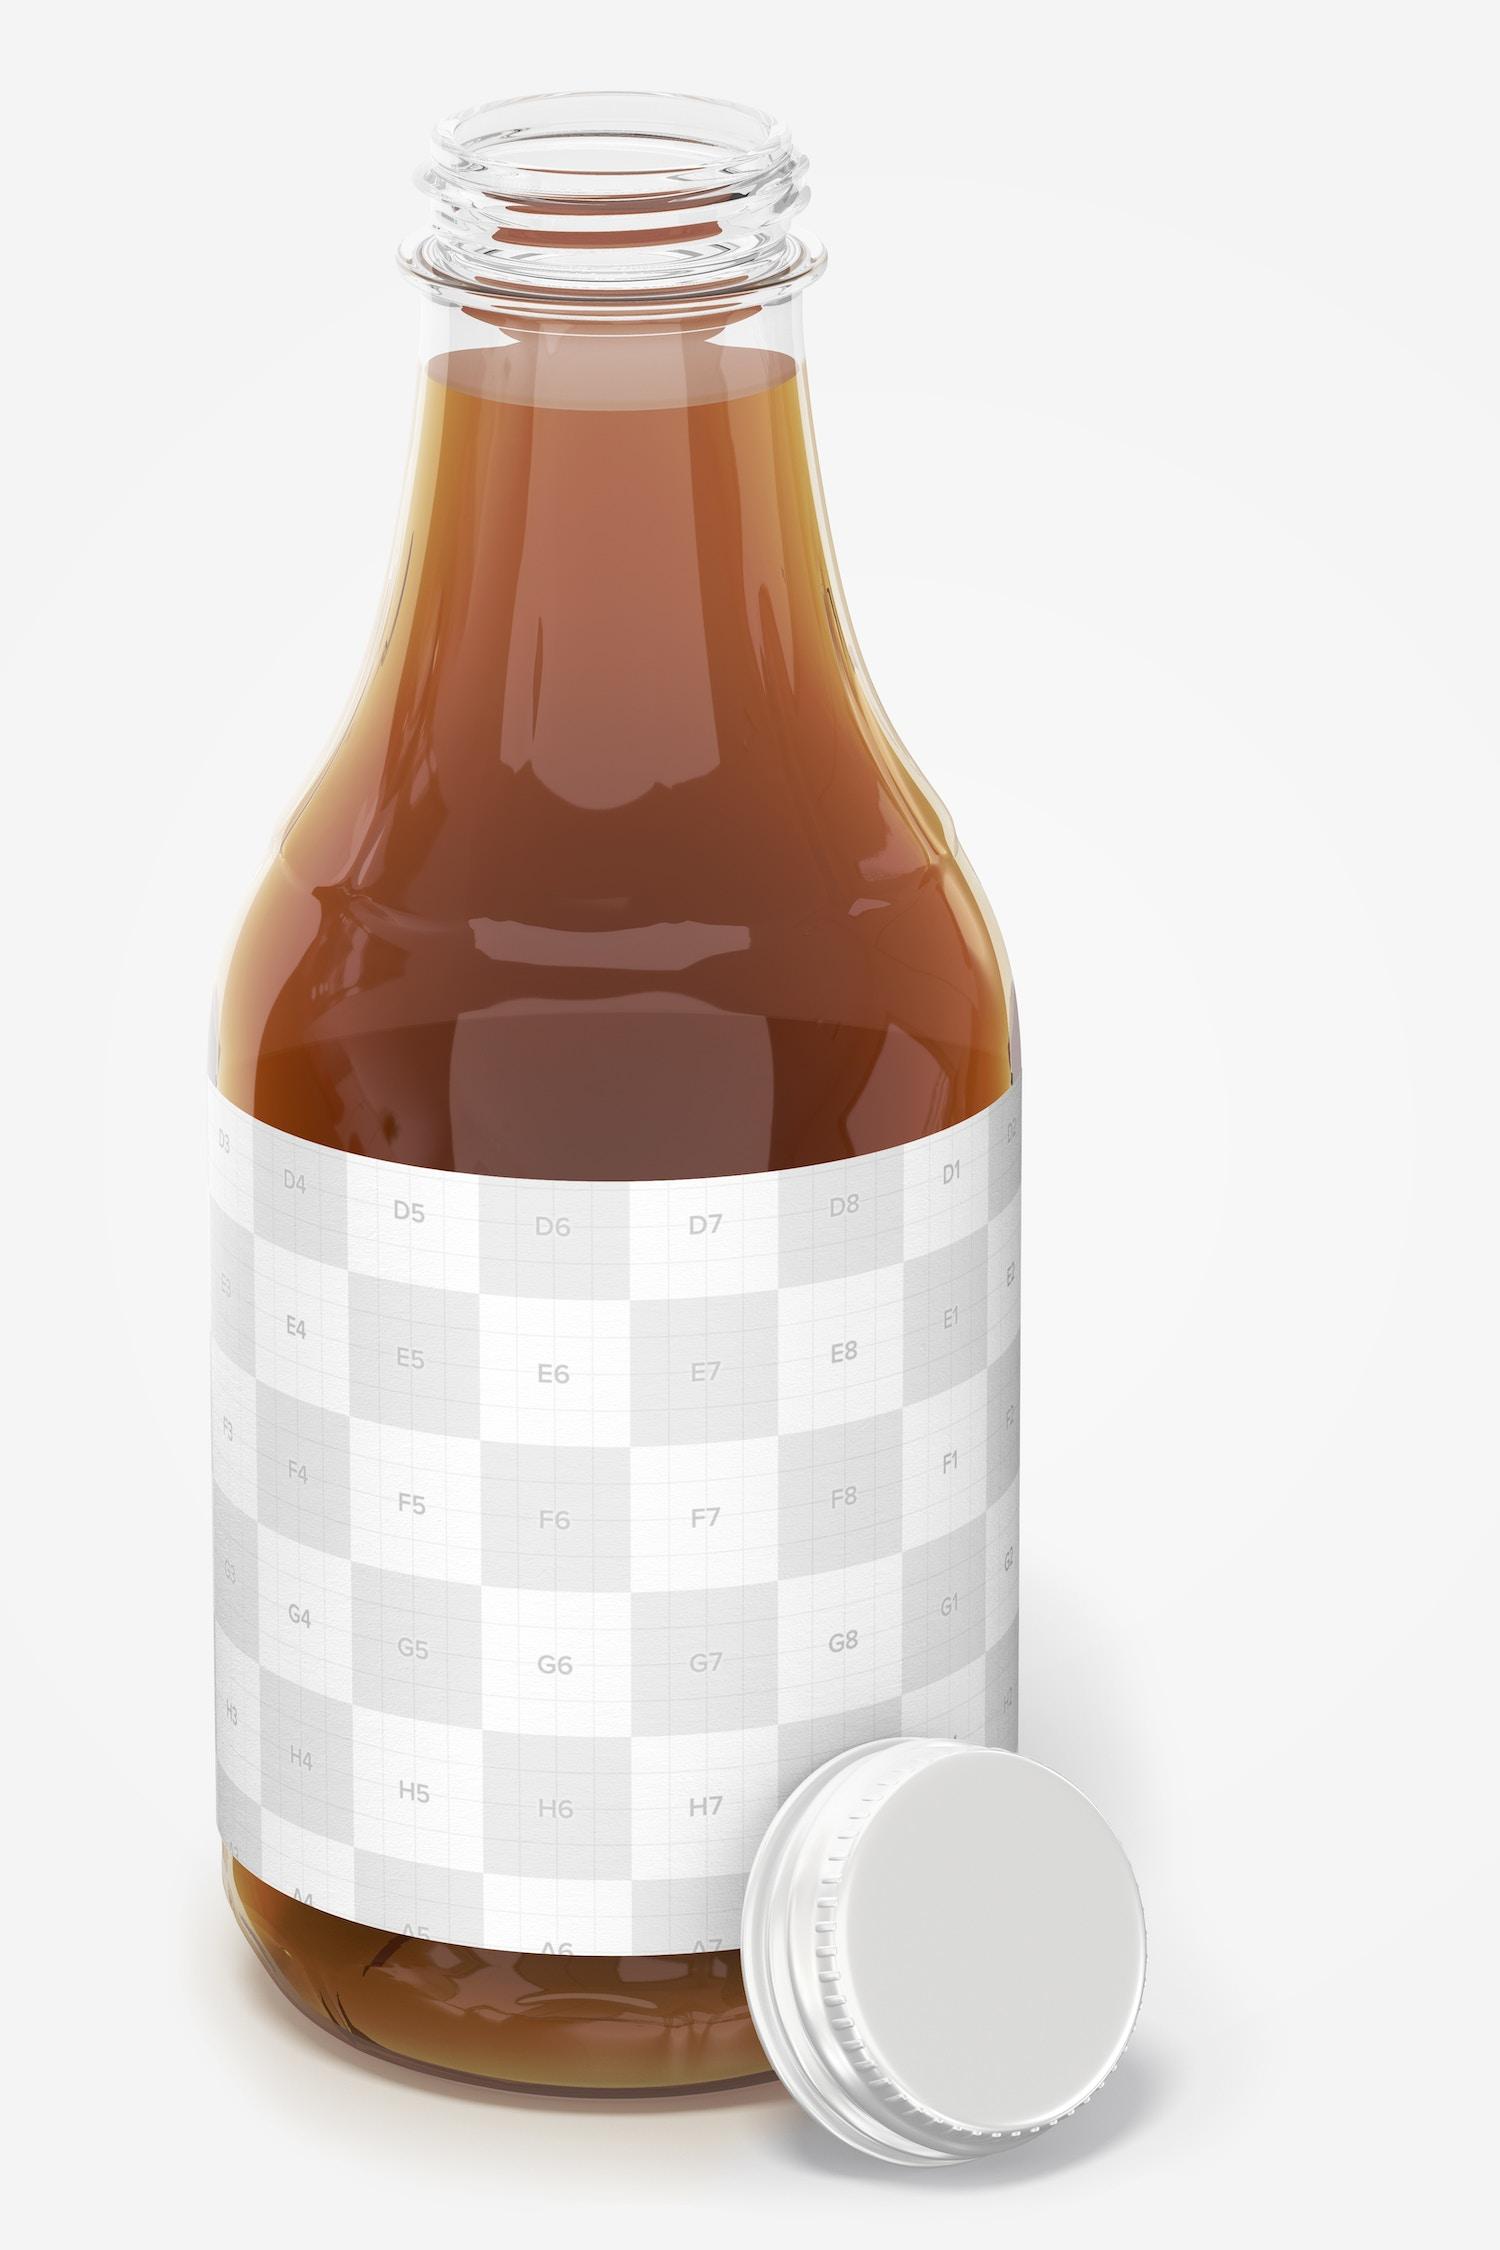 16 oz Glass Tea Bottle Mockup, Opened